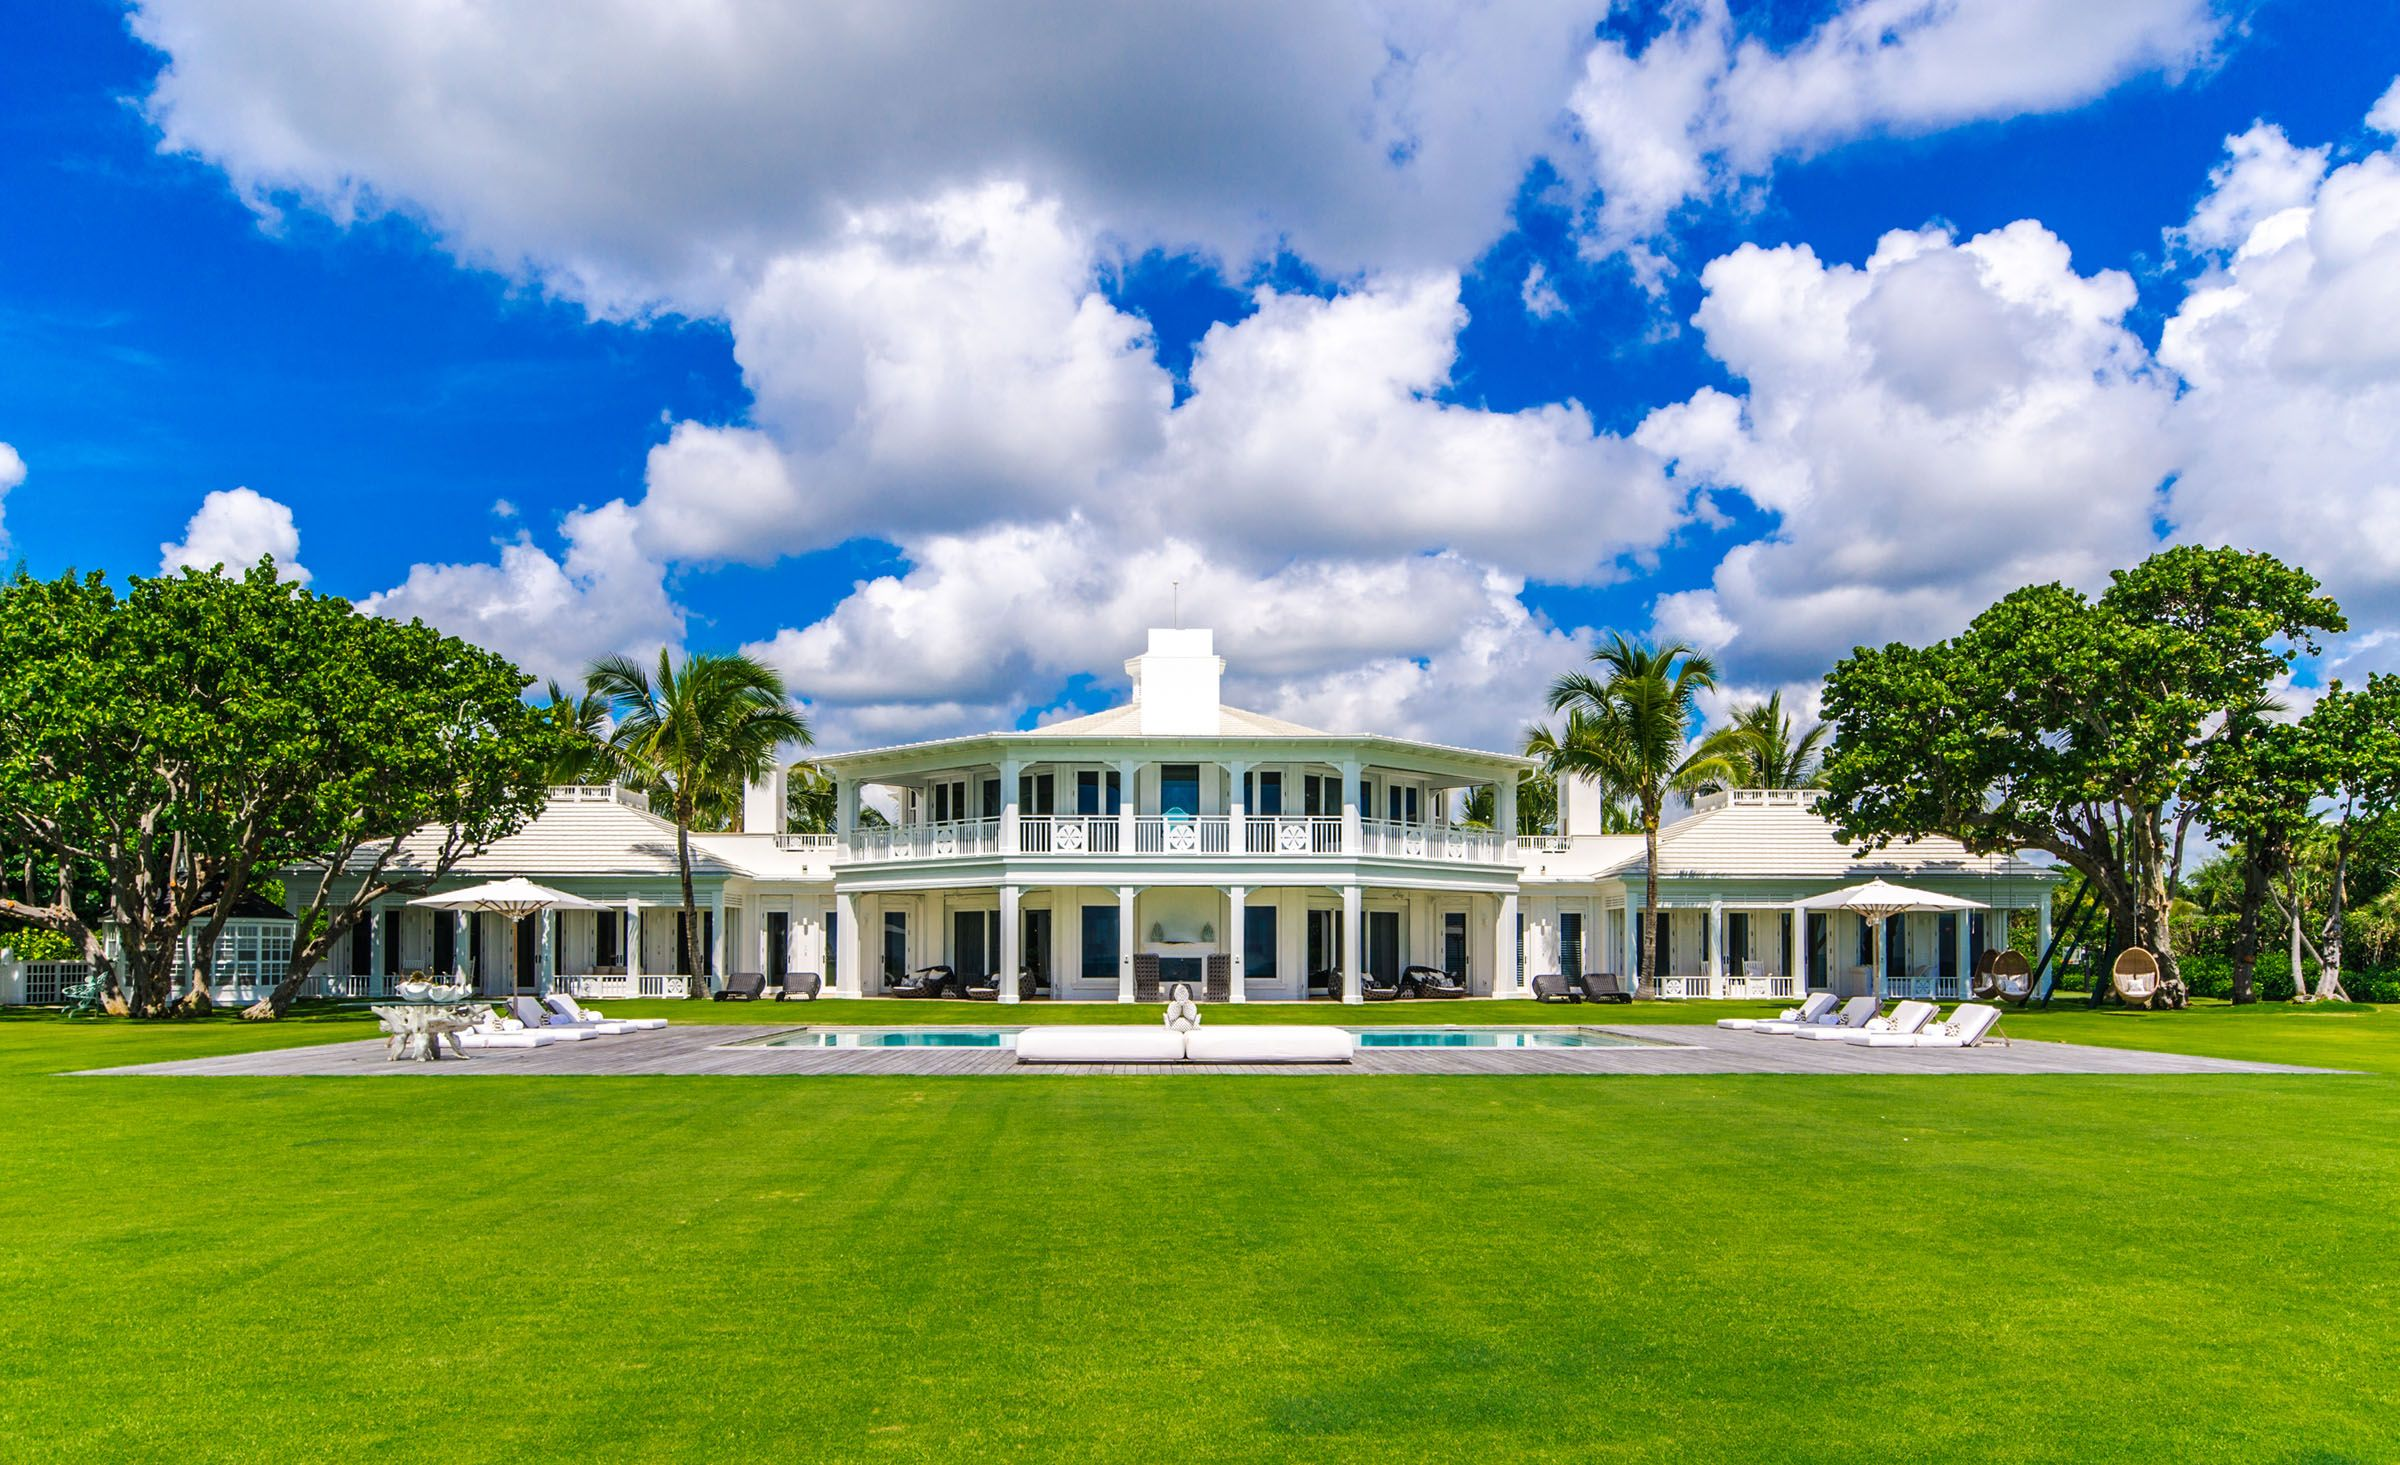 Celine Dion House Jupiter Island Florida